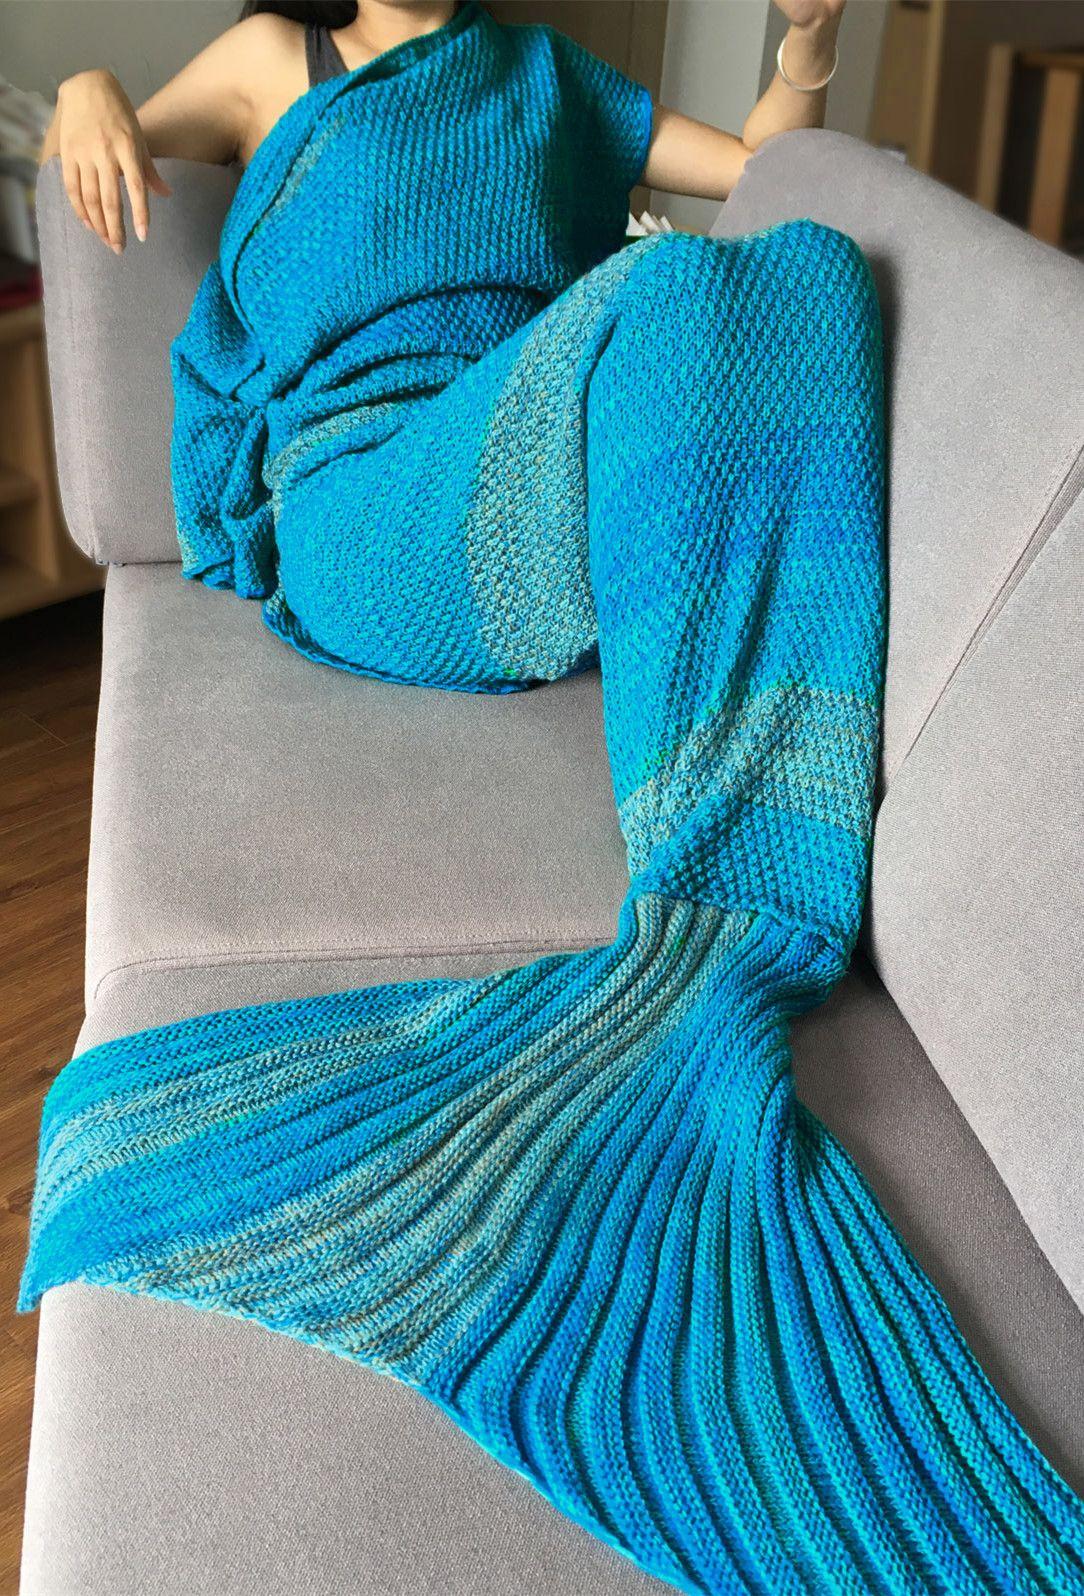 Crochet Stripe Pattern Mermaid Tail Shape Blanket - Blue | Cobija y ...